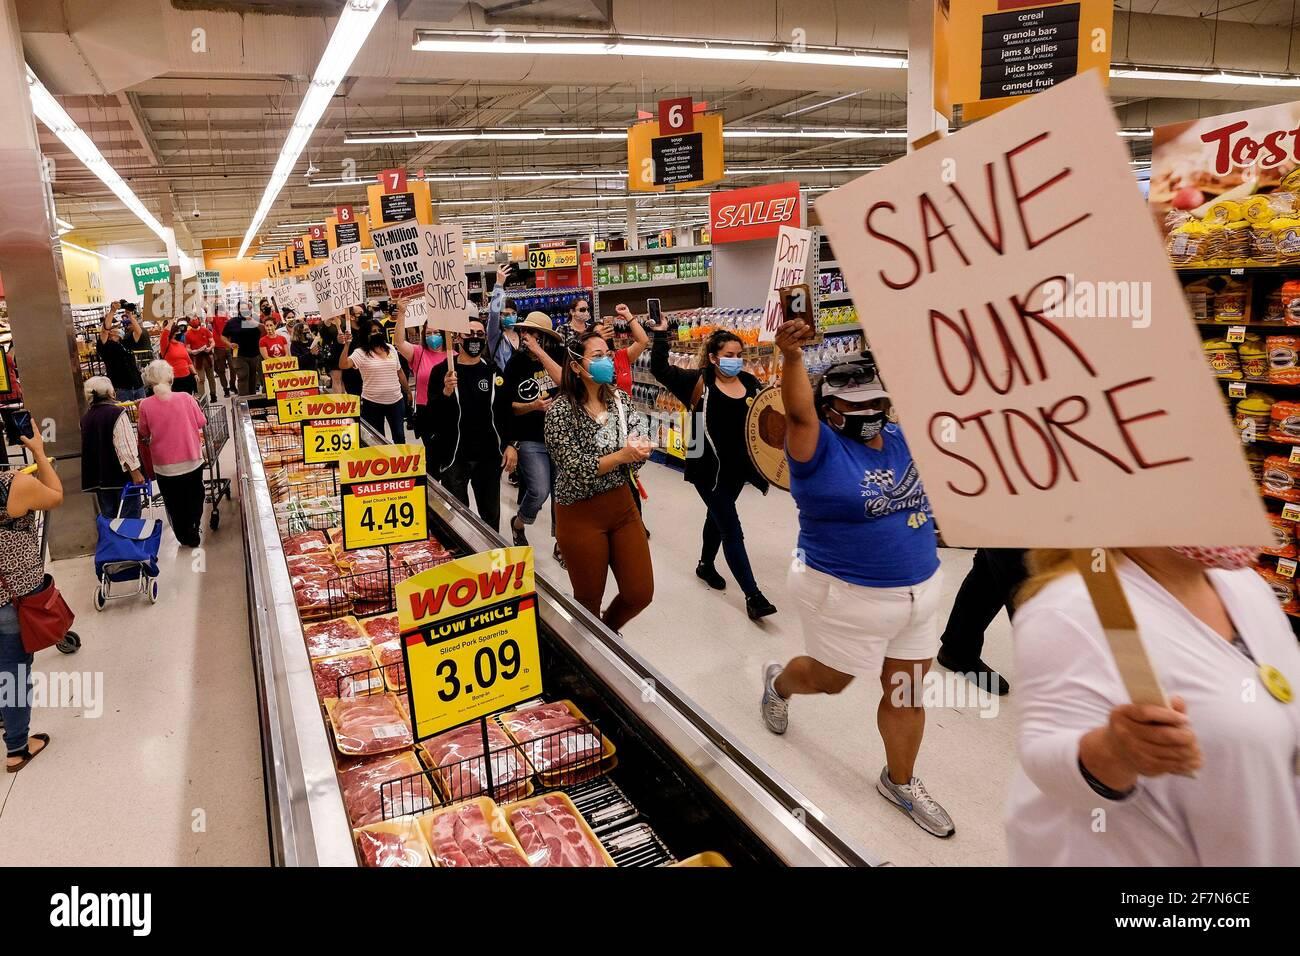 Los Angeles, Kalifornien, USA. April 2021. Frontline-Lebensmittelarbeiter und ihre Anhänger, die Schilder halten, marschieren während einer Demonstration in einem Lebensmittelgeschäft mit dem Wert Food 4 Less, um die Kroger Company aufzufordern, ihren Arbeitern eine vorübergehende Hazard-Bezahlung zu zahlen und die nationale Supermarktgesellschaft aufzufordern, ihre Geschäfte nicht zu schließen, um Vergeltung für lokale Verordnungen zu leisten, die dies erfordern Die vorübergehende Lohnauszahlung während des Ausbruchs der Coronavirus-Krankheit (COVID-19). Kredit: Ringo Chiu/ZUMA Wire/Alamy Live Nachrichten Stockfoto